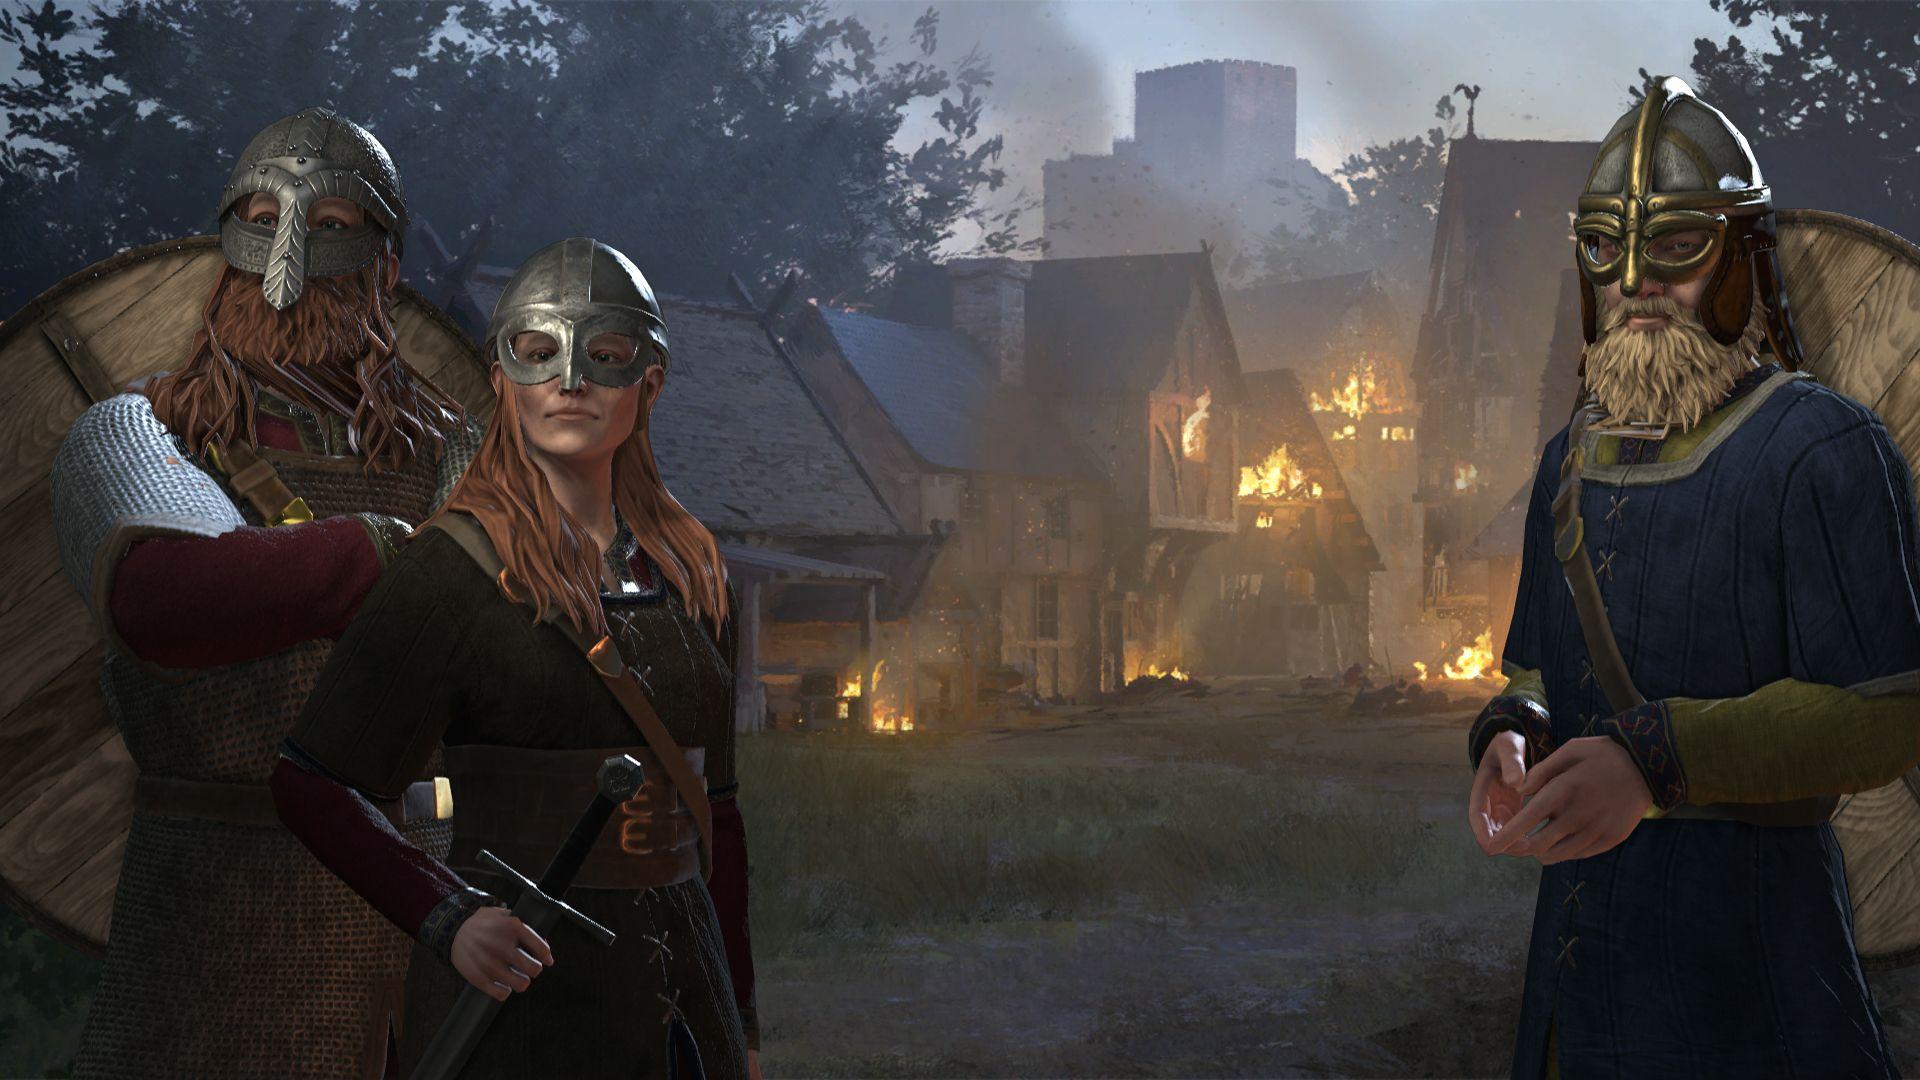 Una captura de pantalla de Crusader Kings 3 que muestra un grupo de tres personajes inspirados en los nórdicos